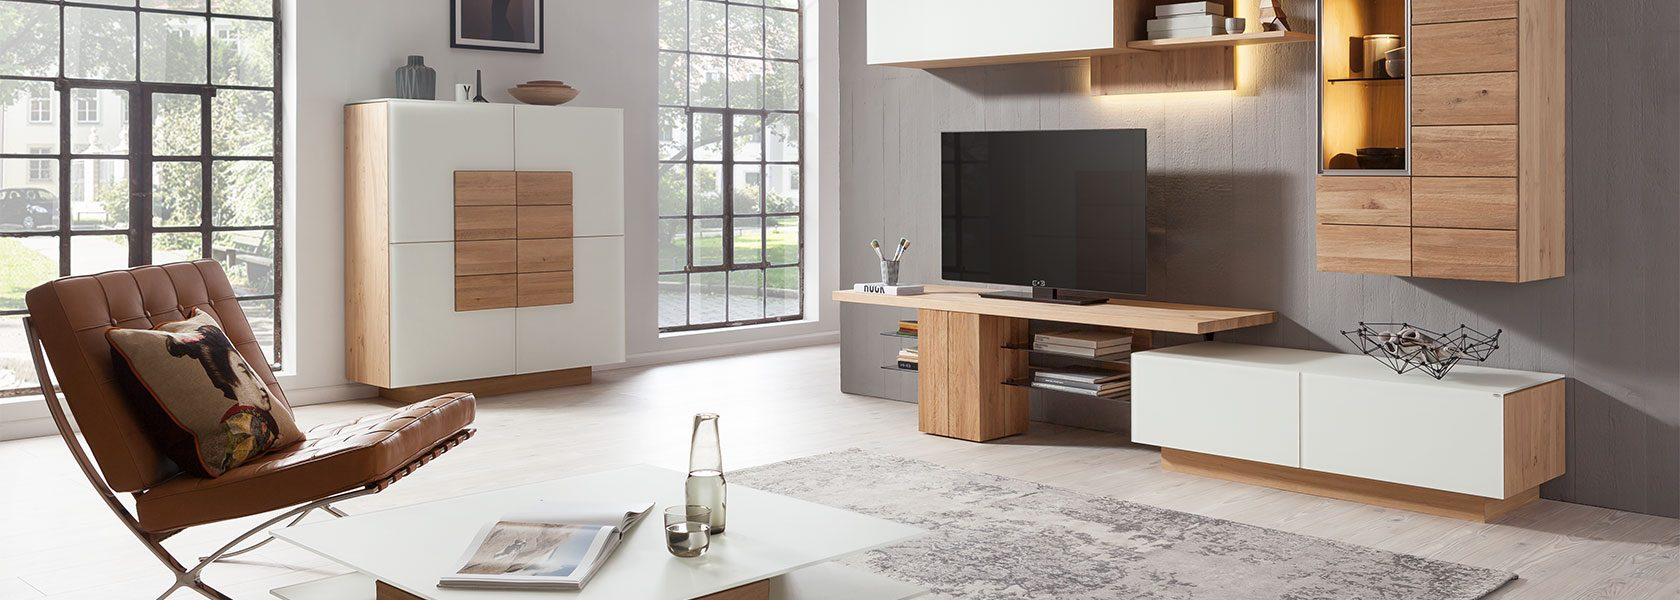 Möbel Rundel - Ihr Möbelhaus in Ravensburg